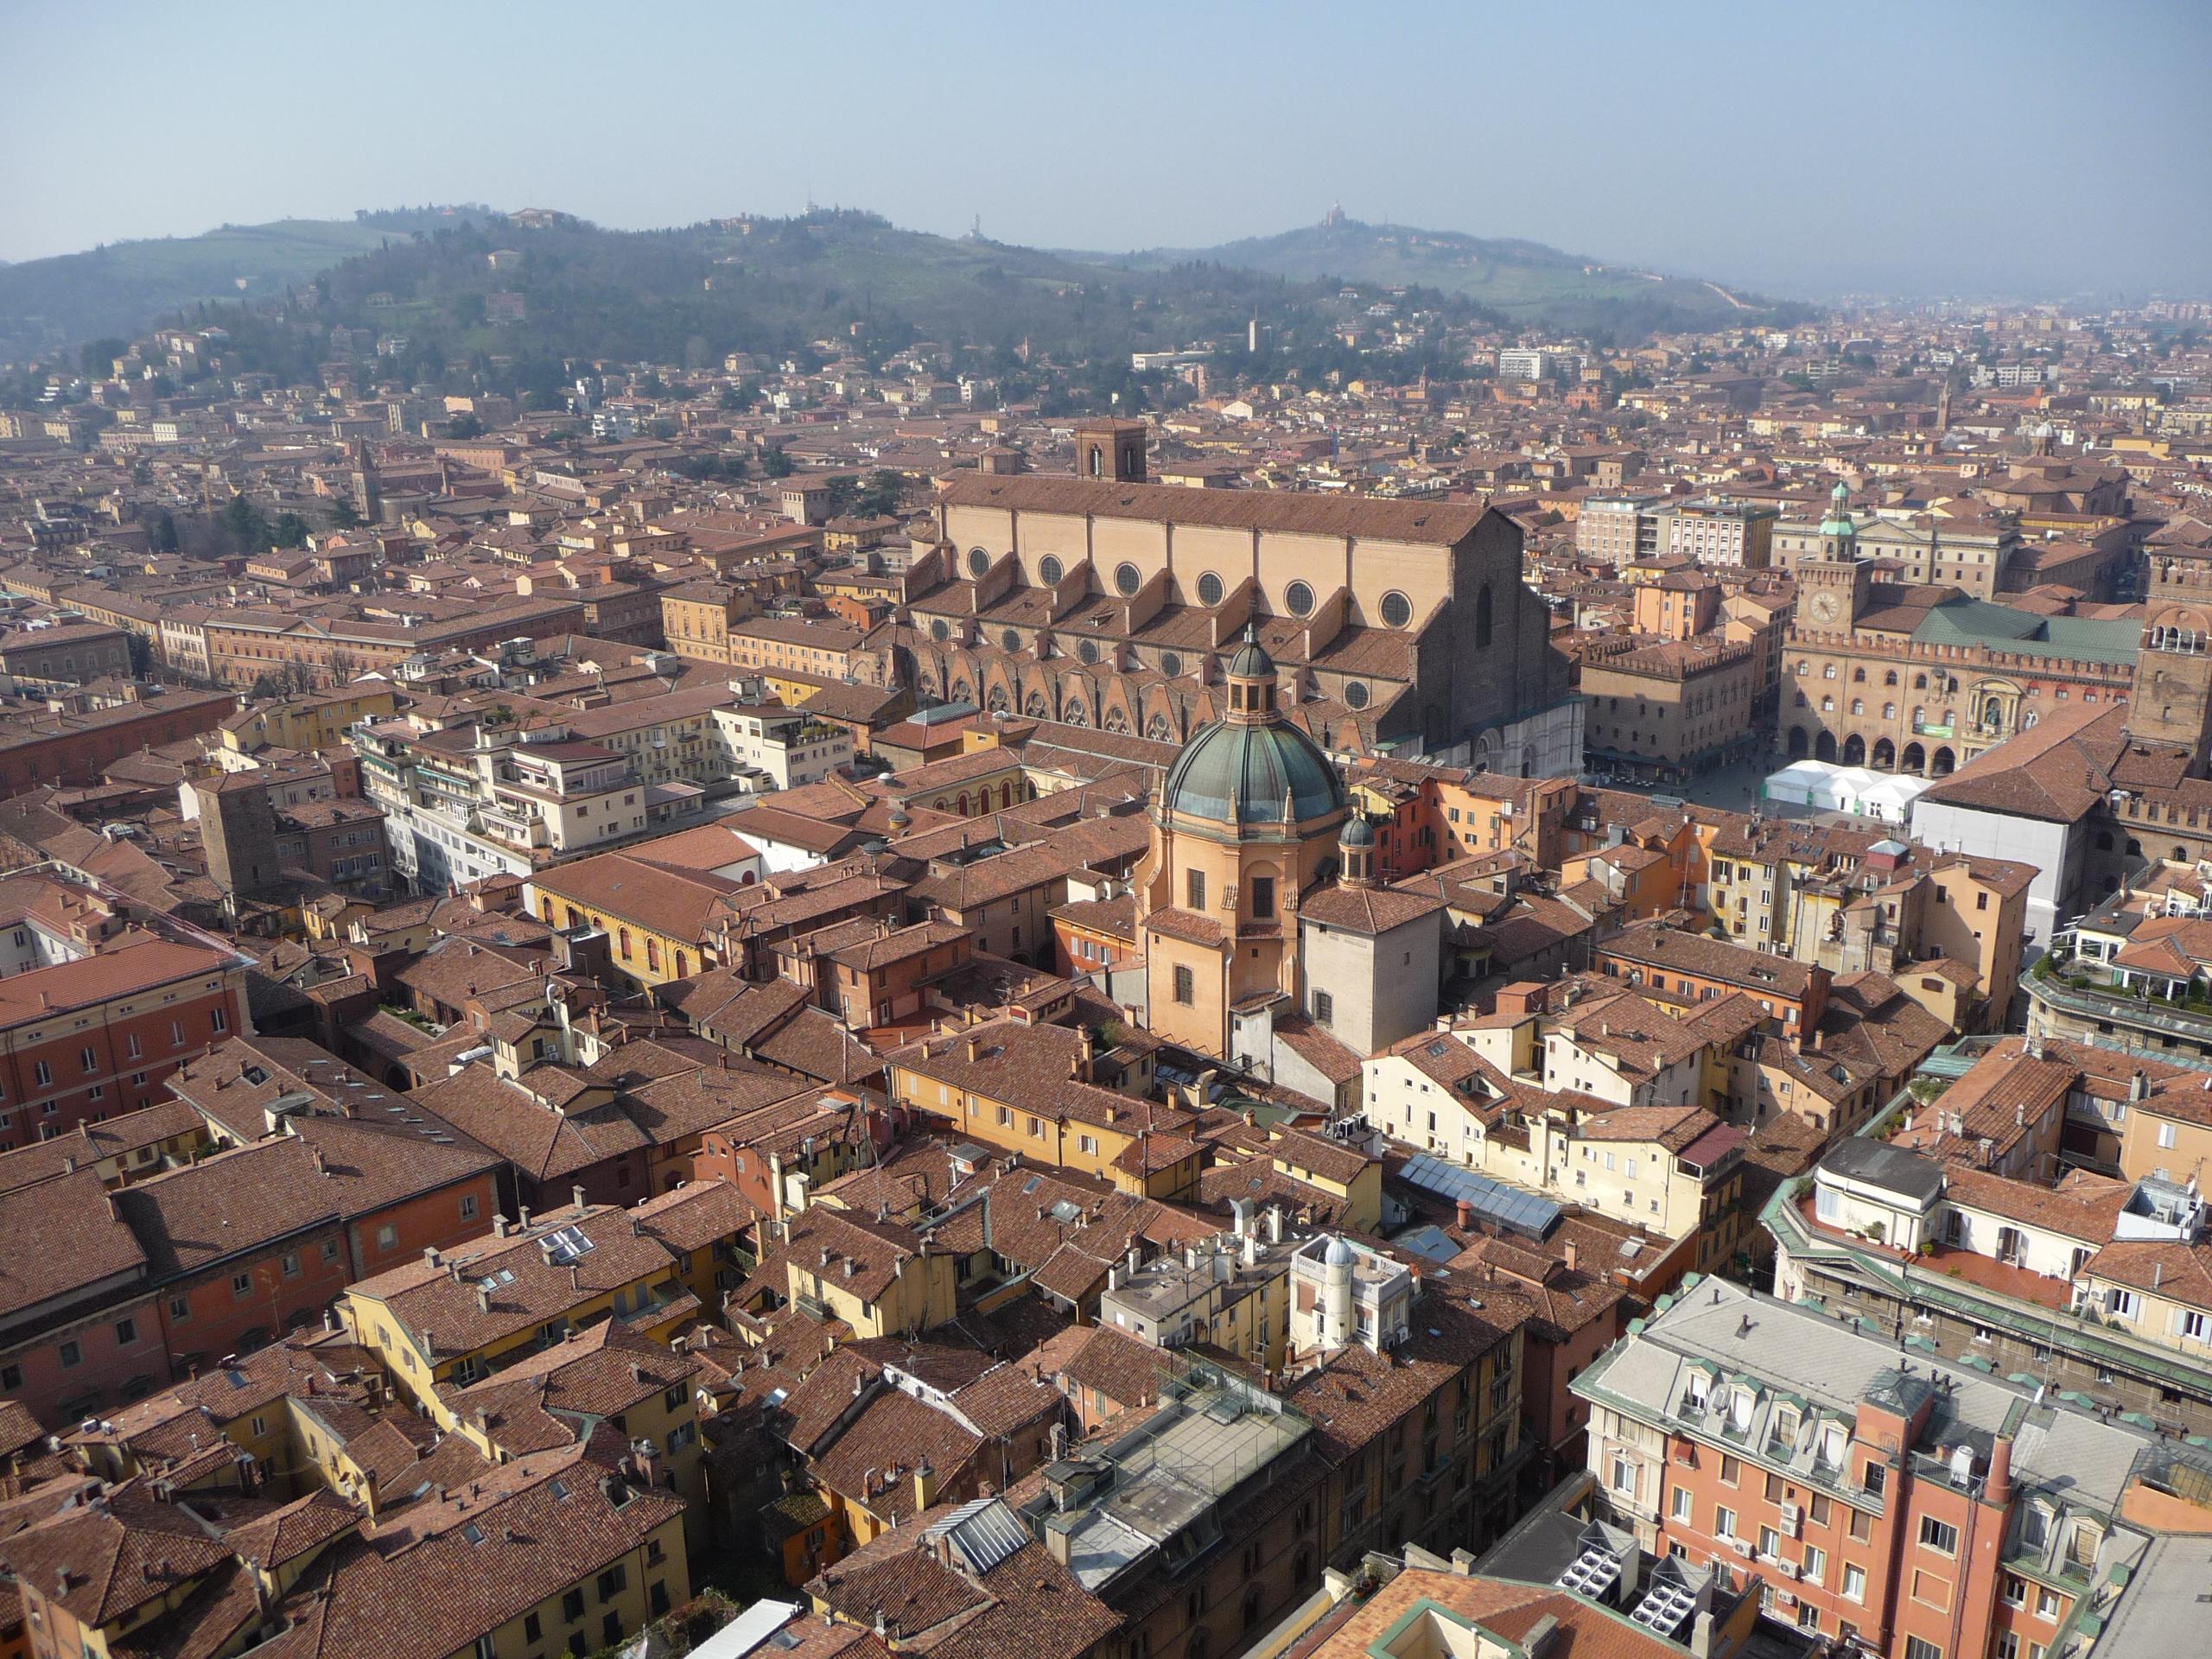 Pohľad na Bolognu z veže Asinelli, Katedrála sv. Petronia v strede